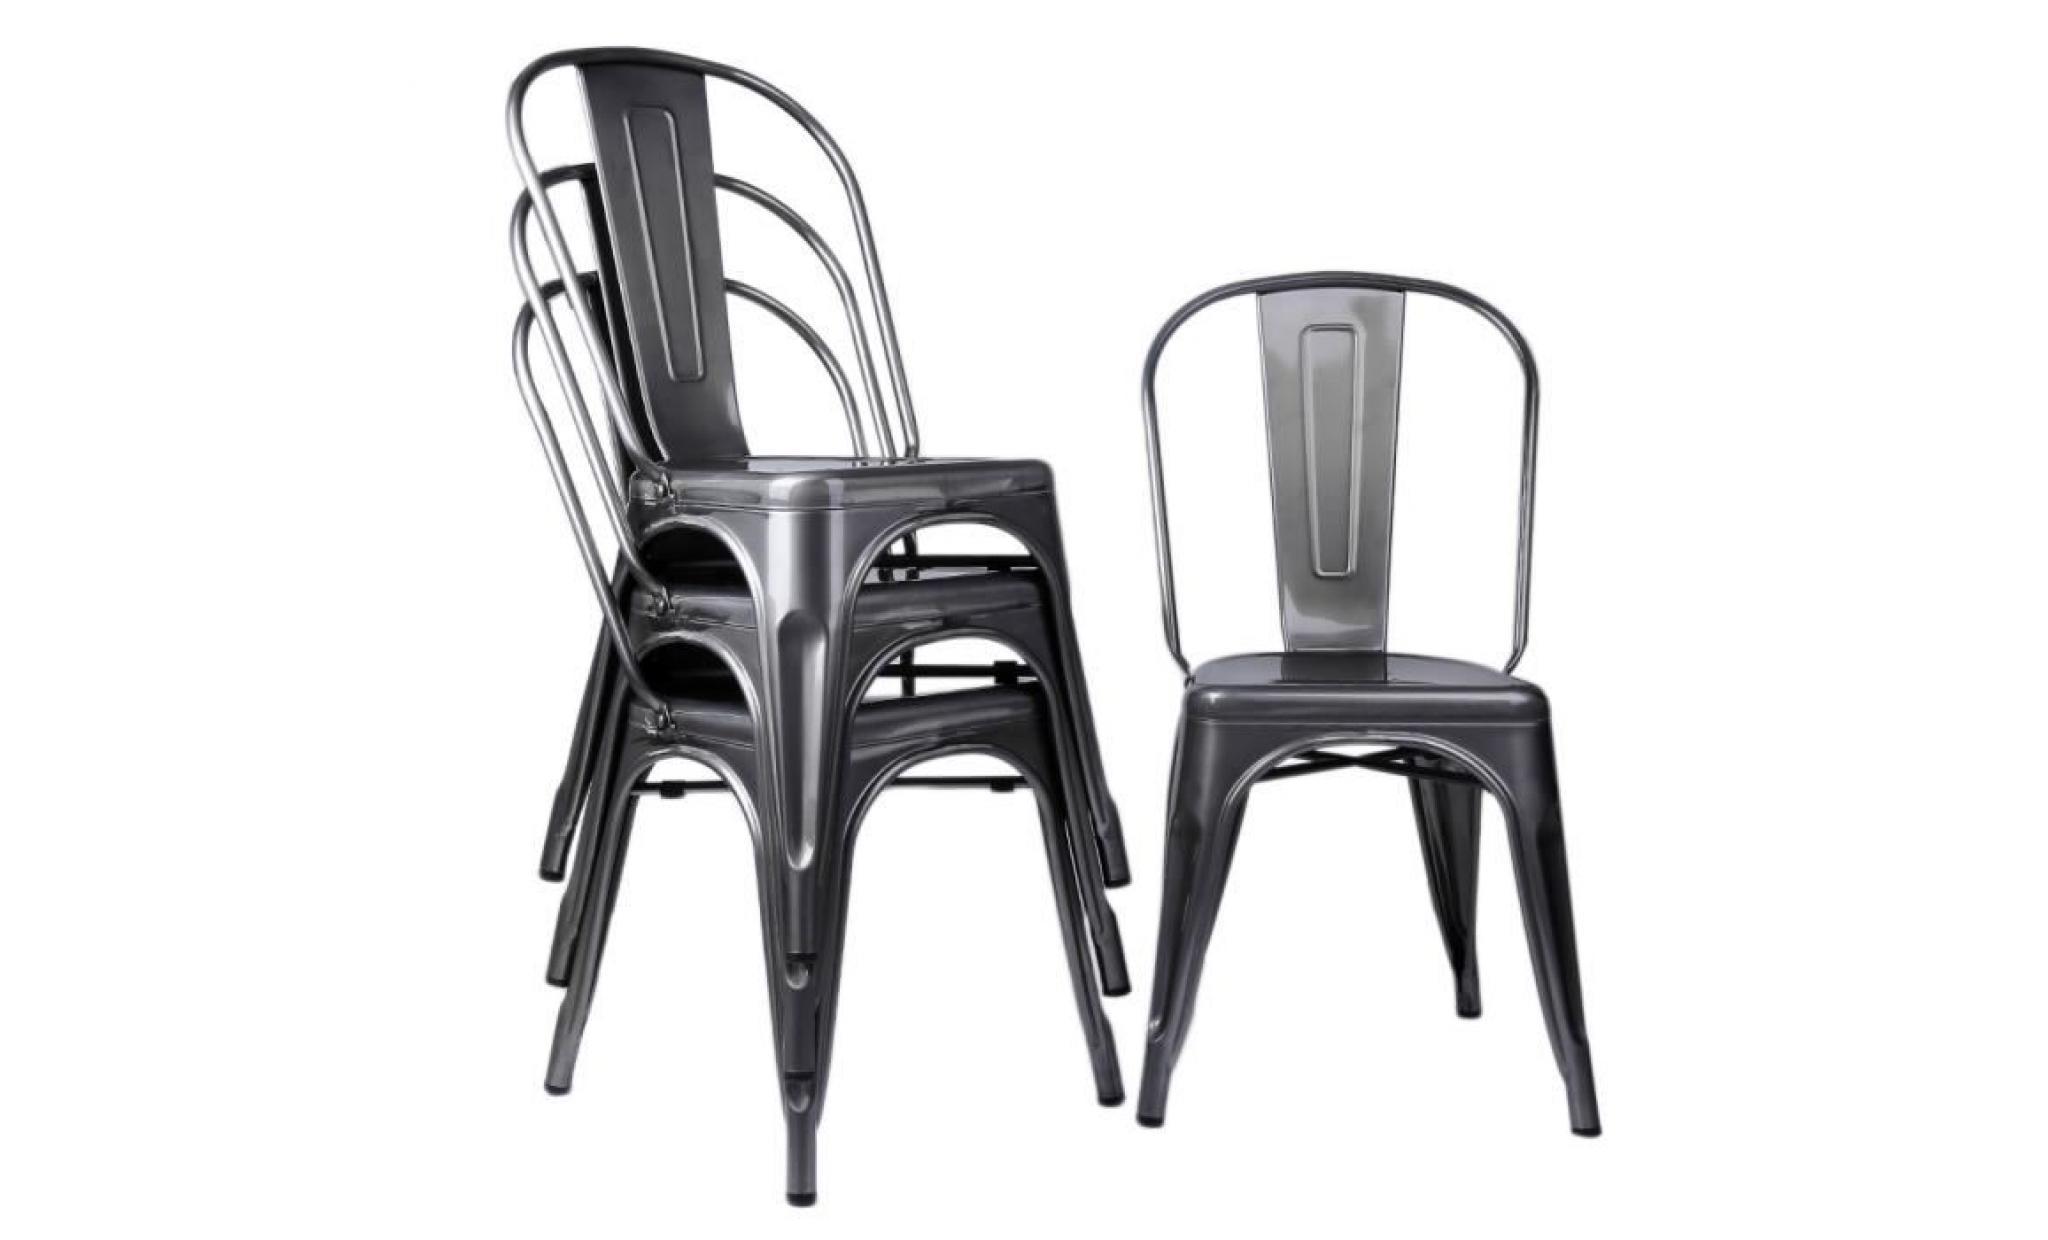 lot de 4 chaises de salle à manger en métal design industriel siège vintage grisâtre